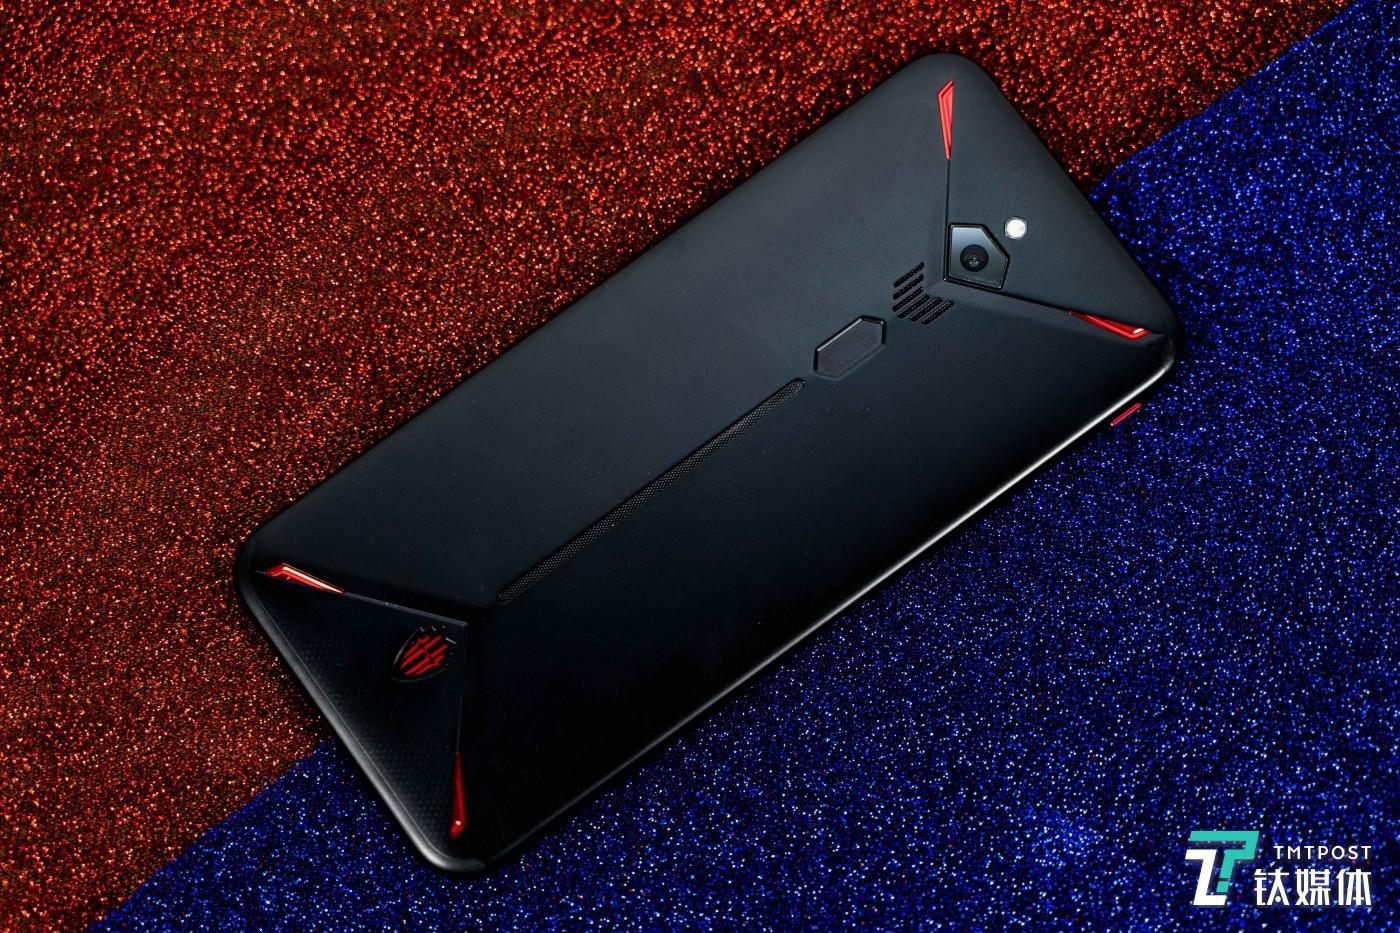 努比亚红魔3游戏手机评测 一台比较合格的游戏手机